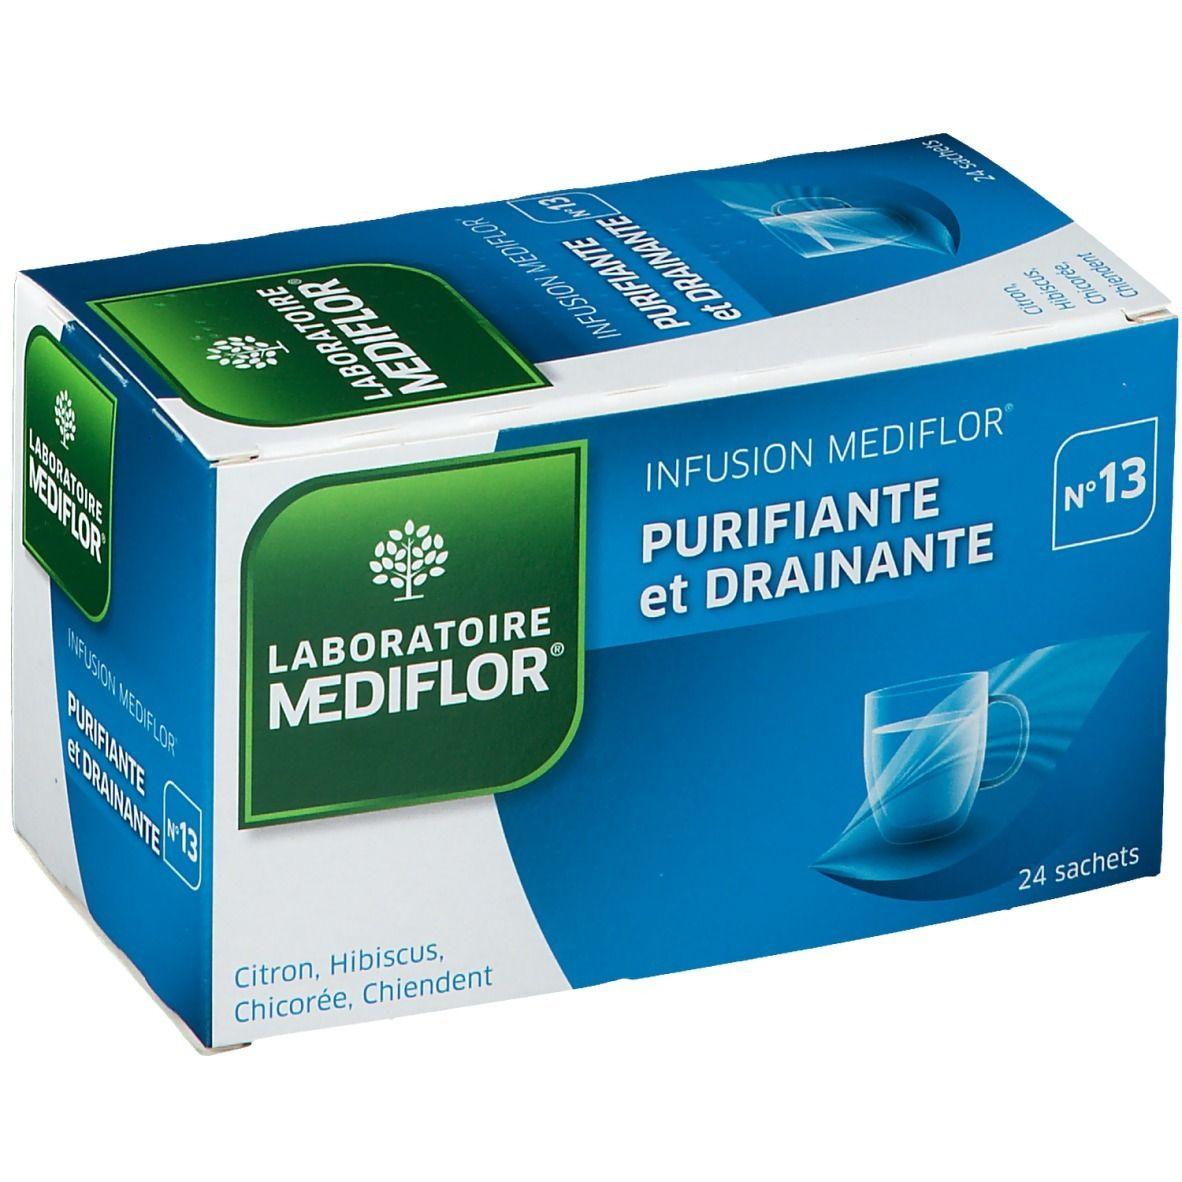 Laboratoire Mediflor® N°13 Purifiante et Drainante